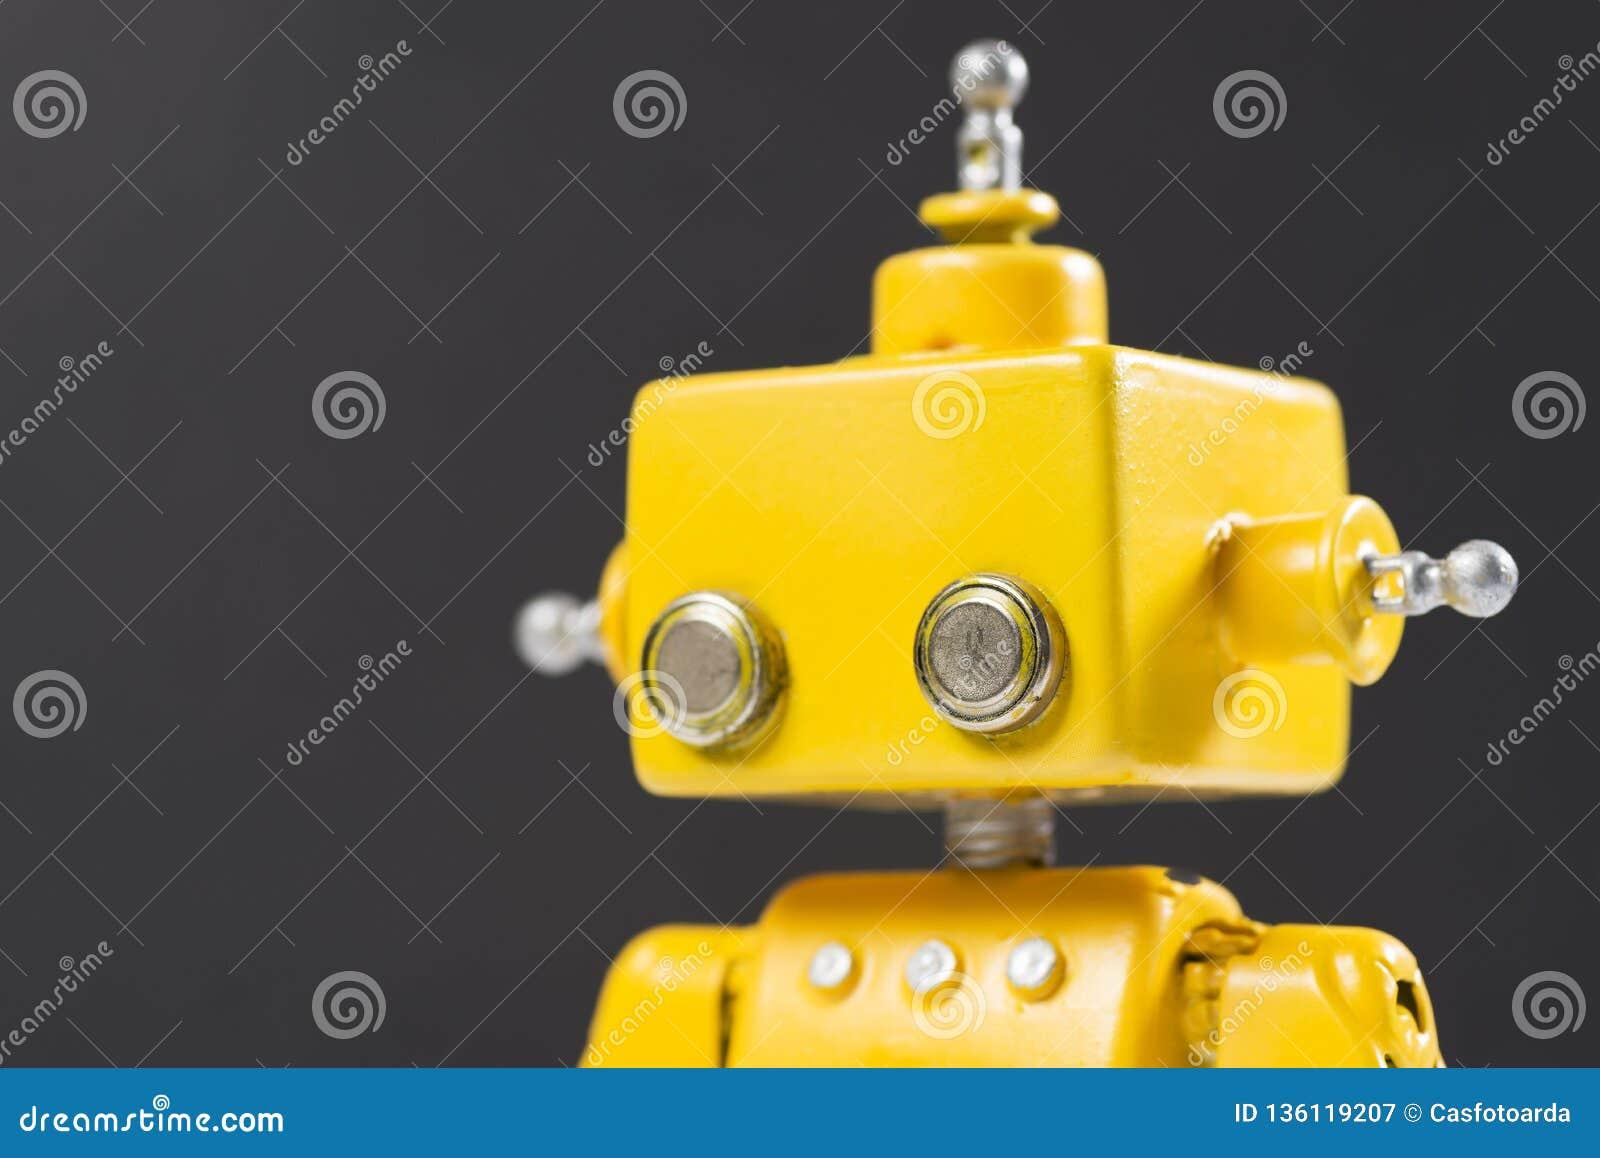 Portrait of a Cute, yellow, handmade robot